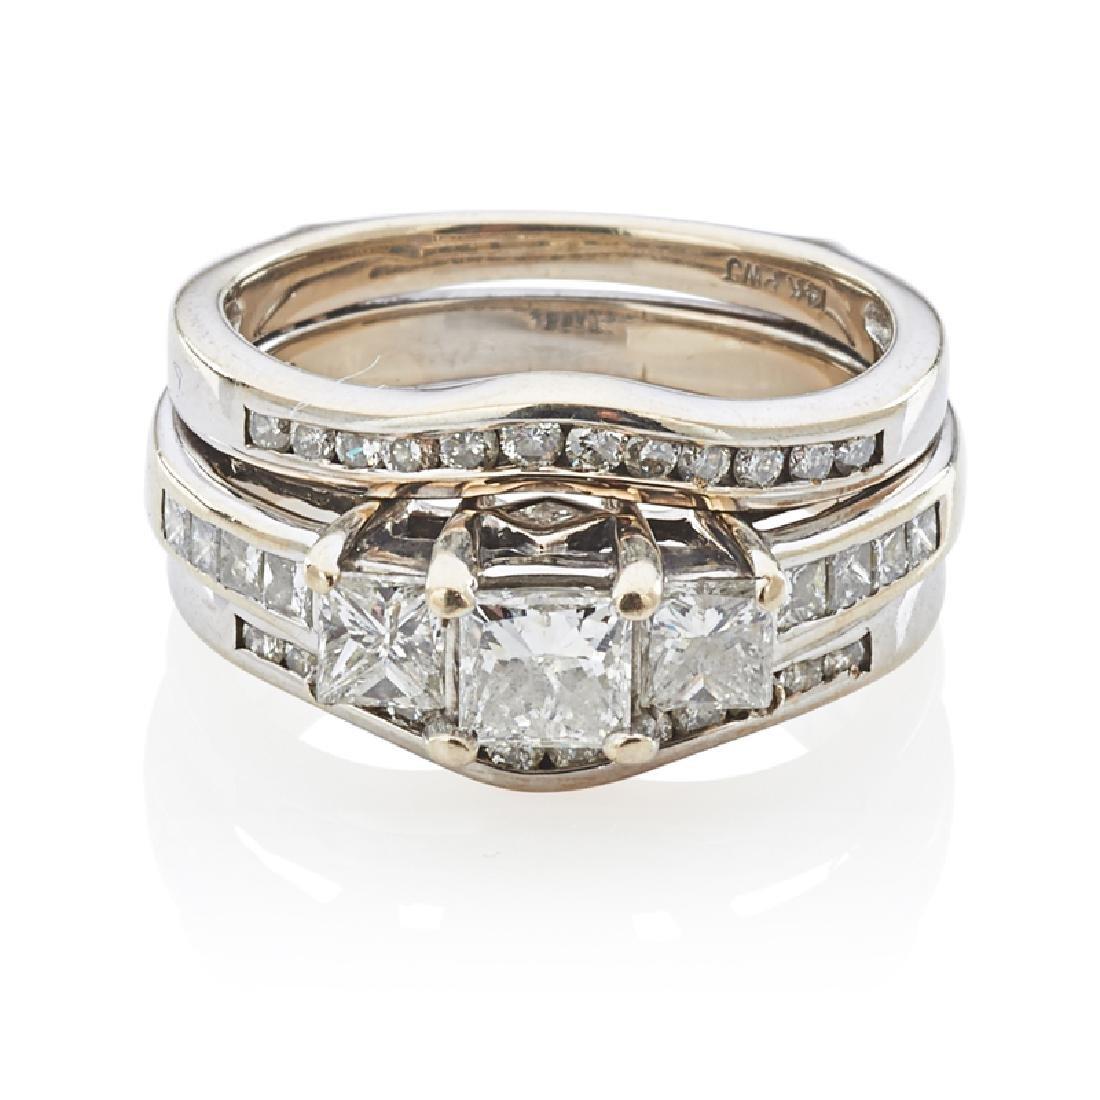 DIAMOND & WHITE GOLD WEDDING SET